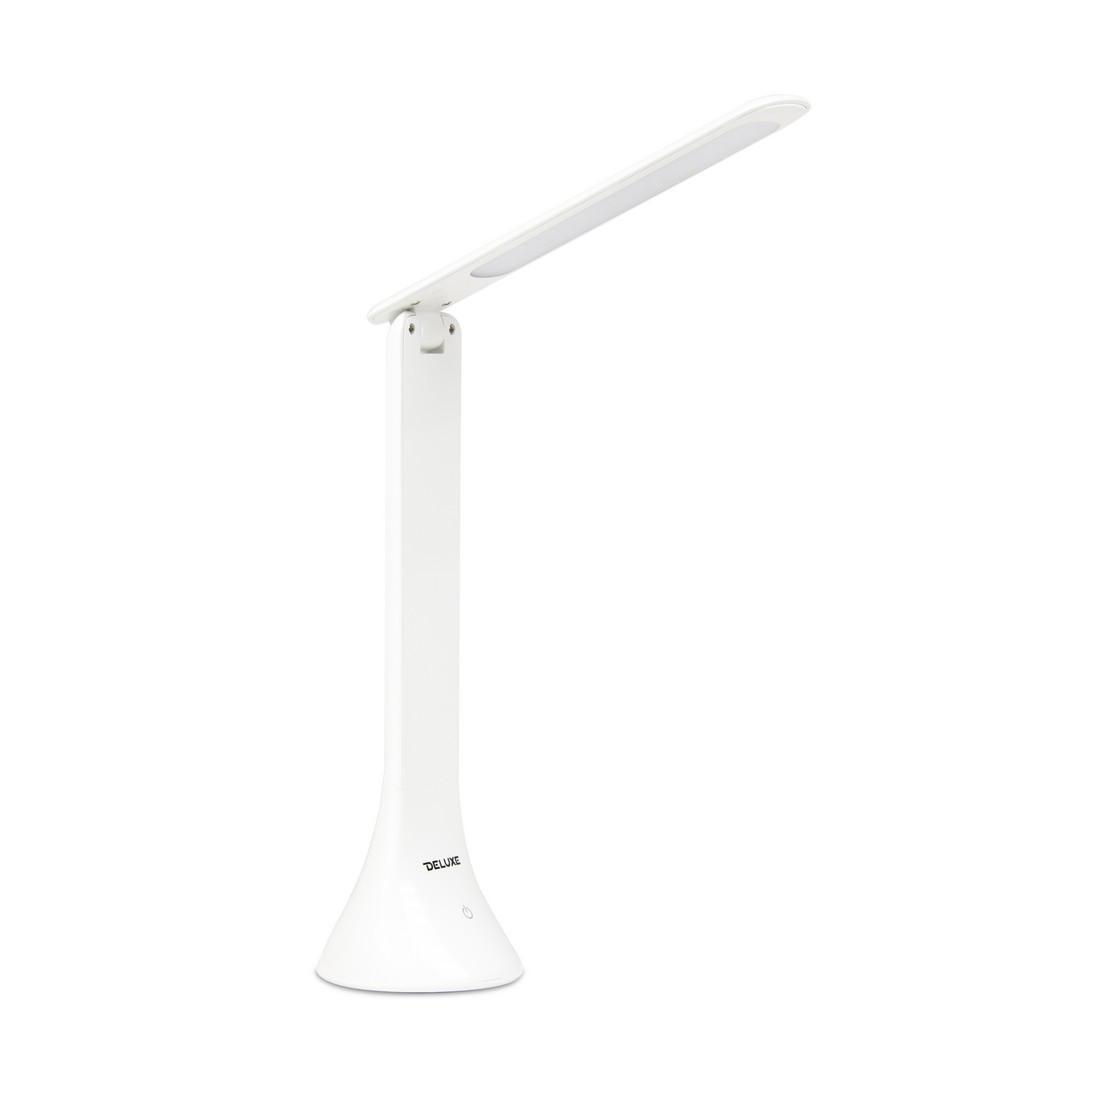 Настольная светодиодная лампа Deluxe DLTL-302W-3W